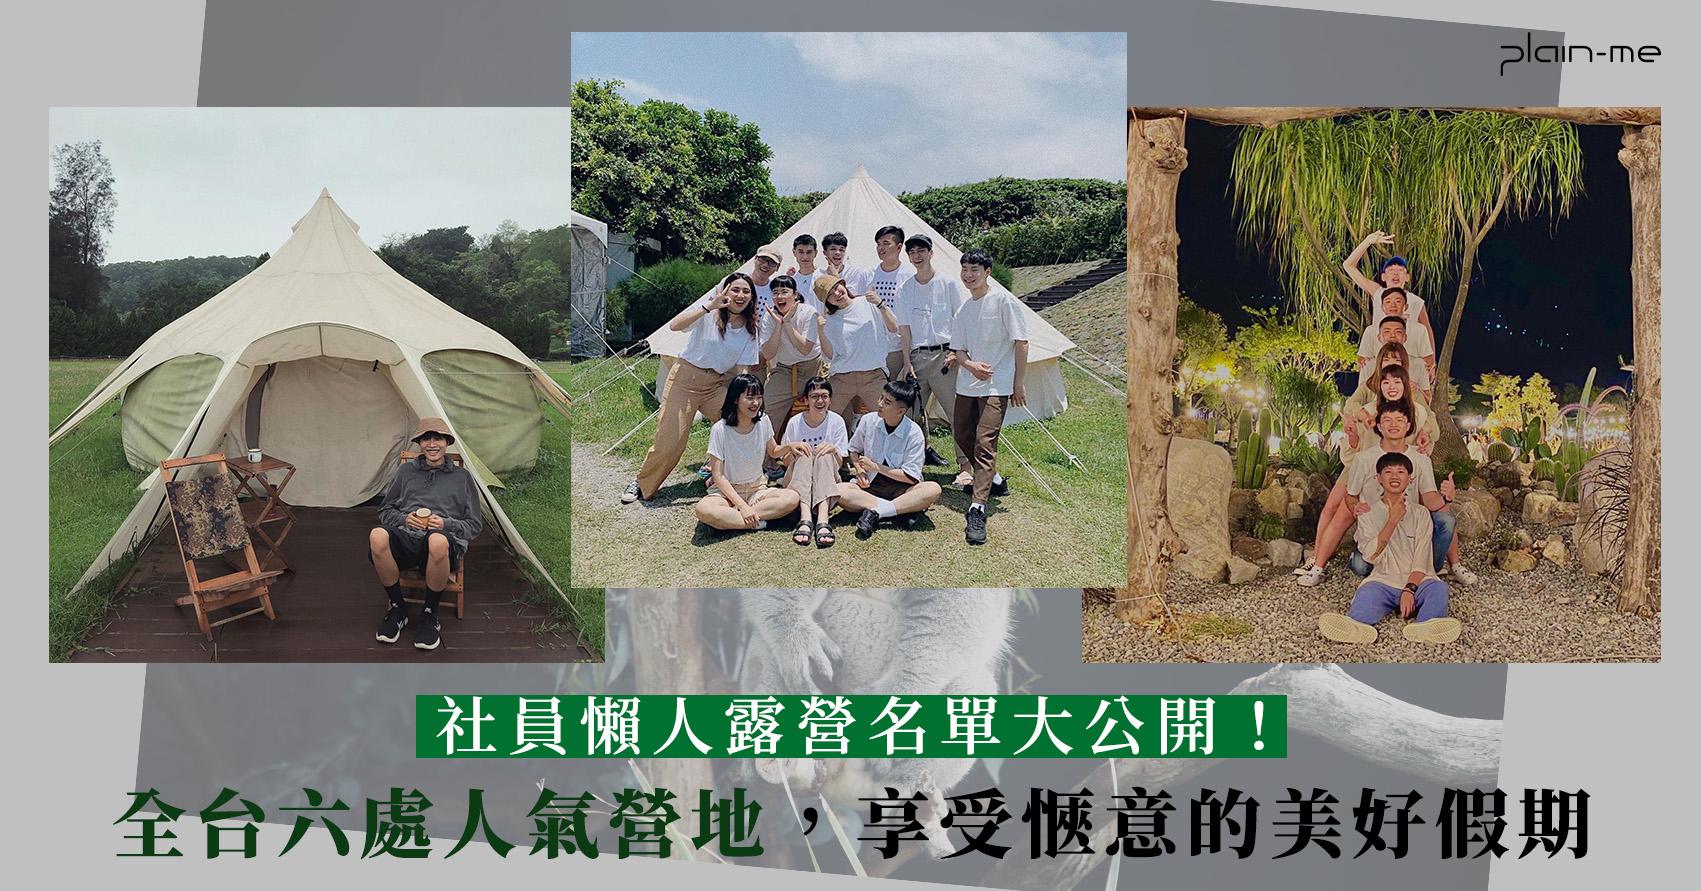 露營,露營區,露營推薦,勤美學 CMP Village,半島秘境,那一村,自然圈農場,蝶舞澗,踏浪星辰露營Camp